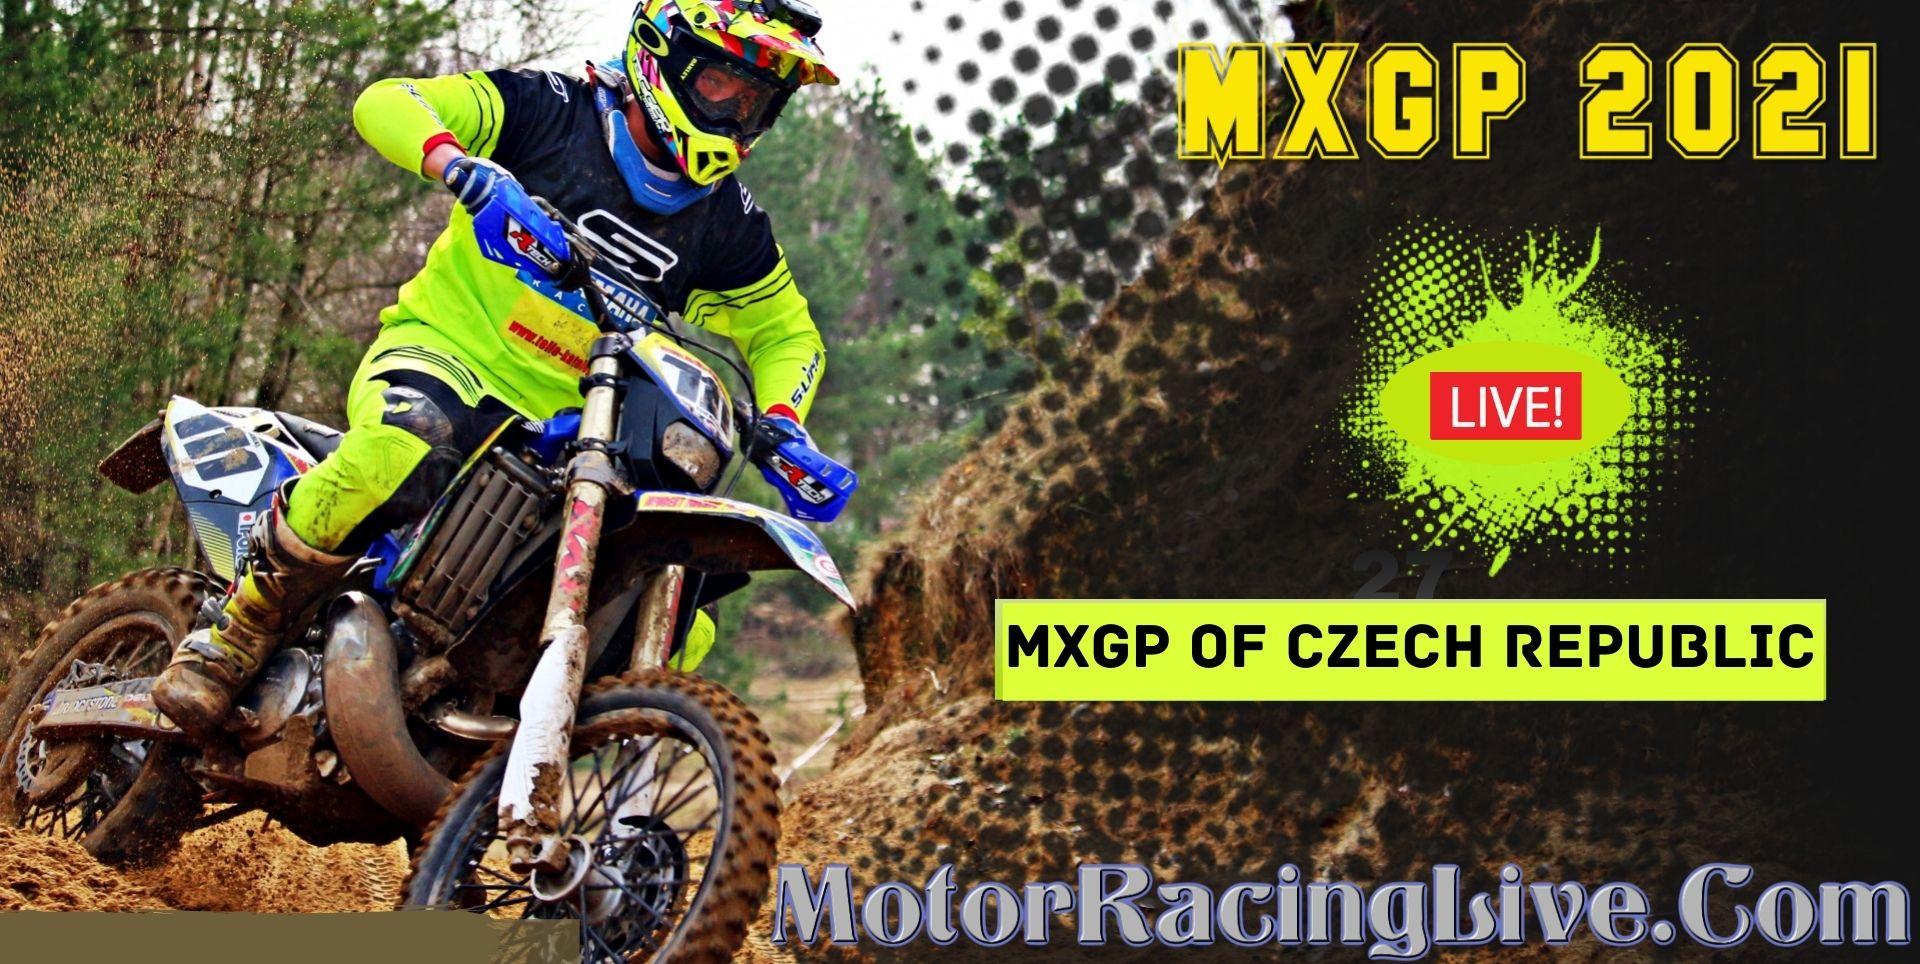 MXGP OF CZECH REPUBLIC 2021 Live Stream